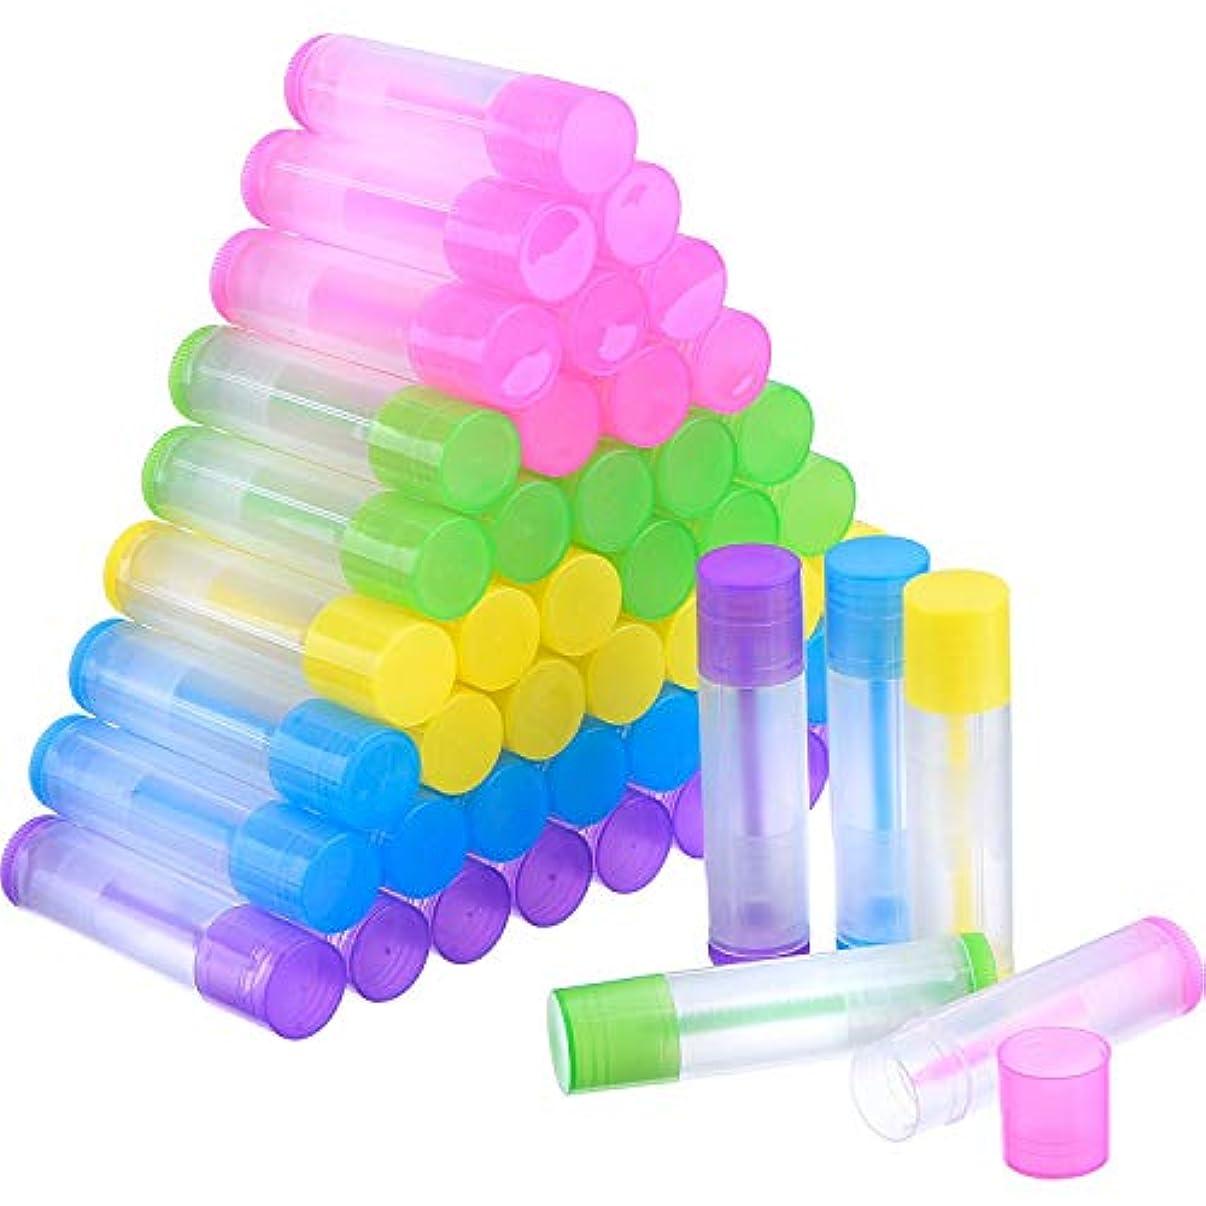 統計トラップ拘束COOLBOTANG リップバームチューブ リップクリーム 繰り出し 手作りコスメ 手作り化粧品/リップクリーム 50個 5.5ml 詰め替え容器(5色)